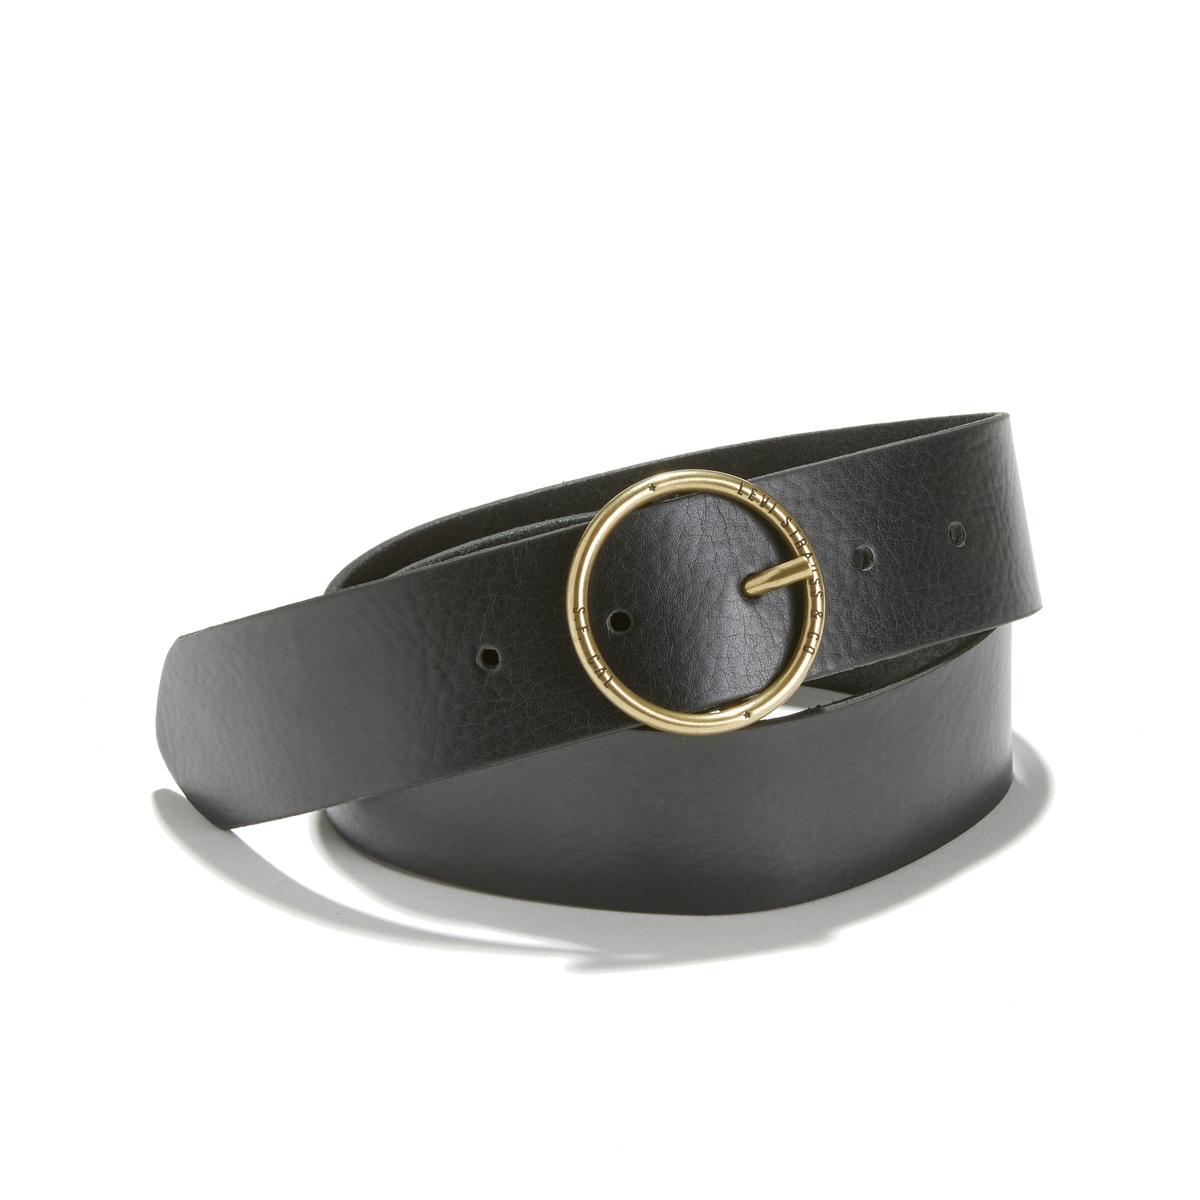 Cinturón de piel Fashion Circle